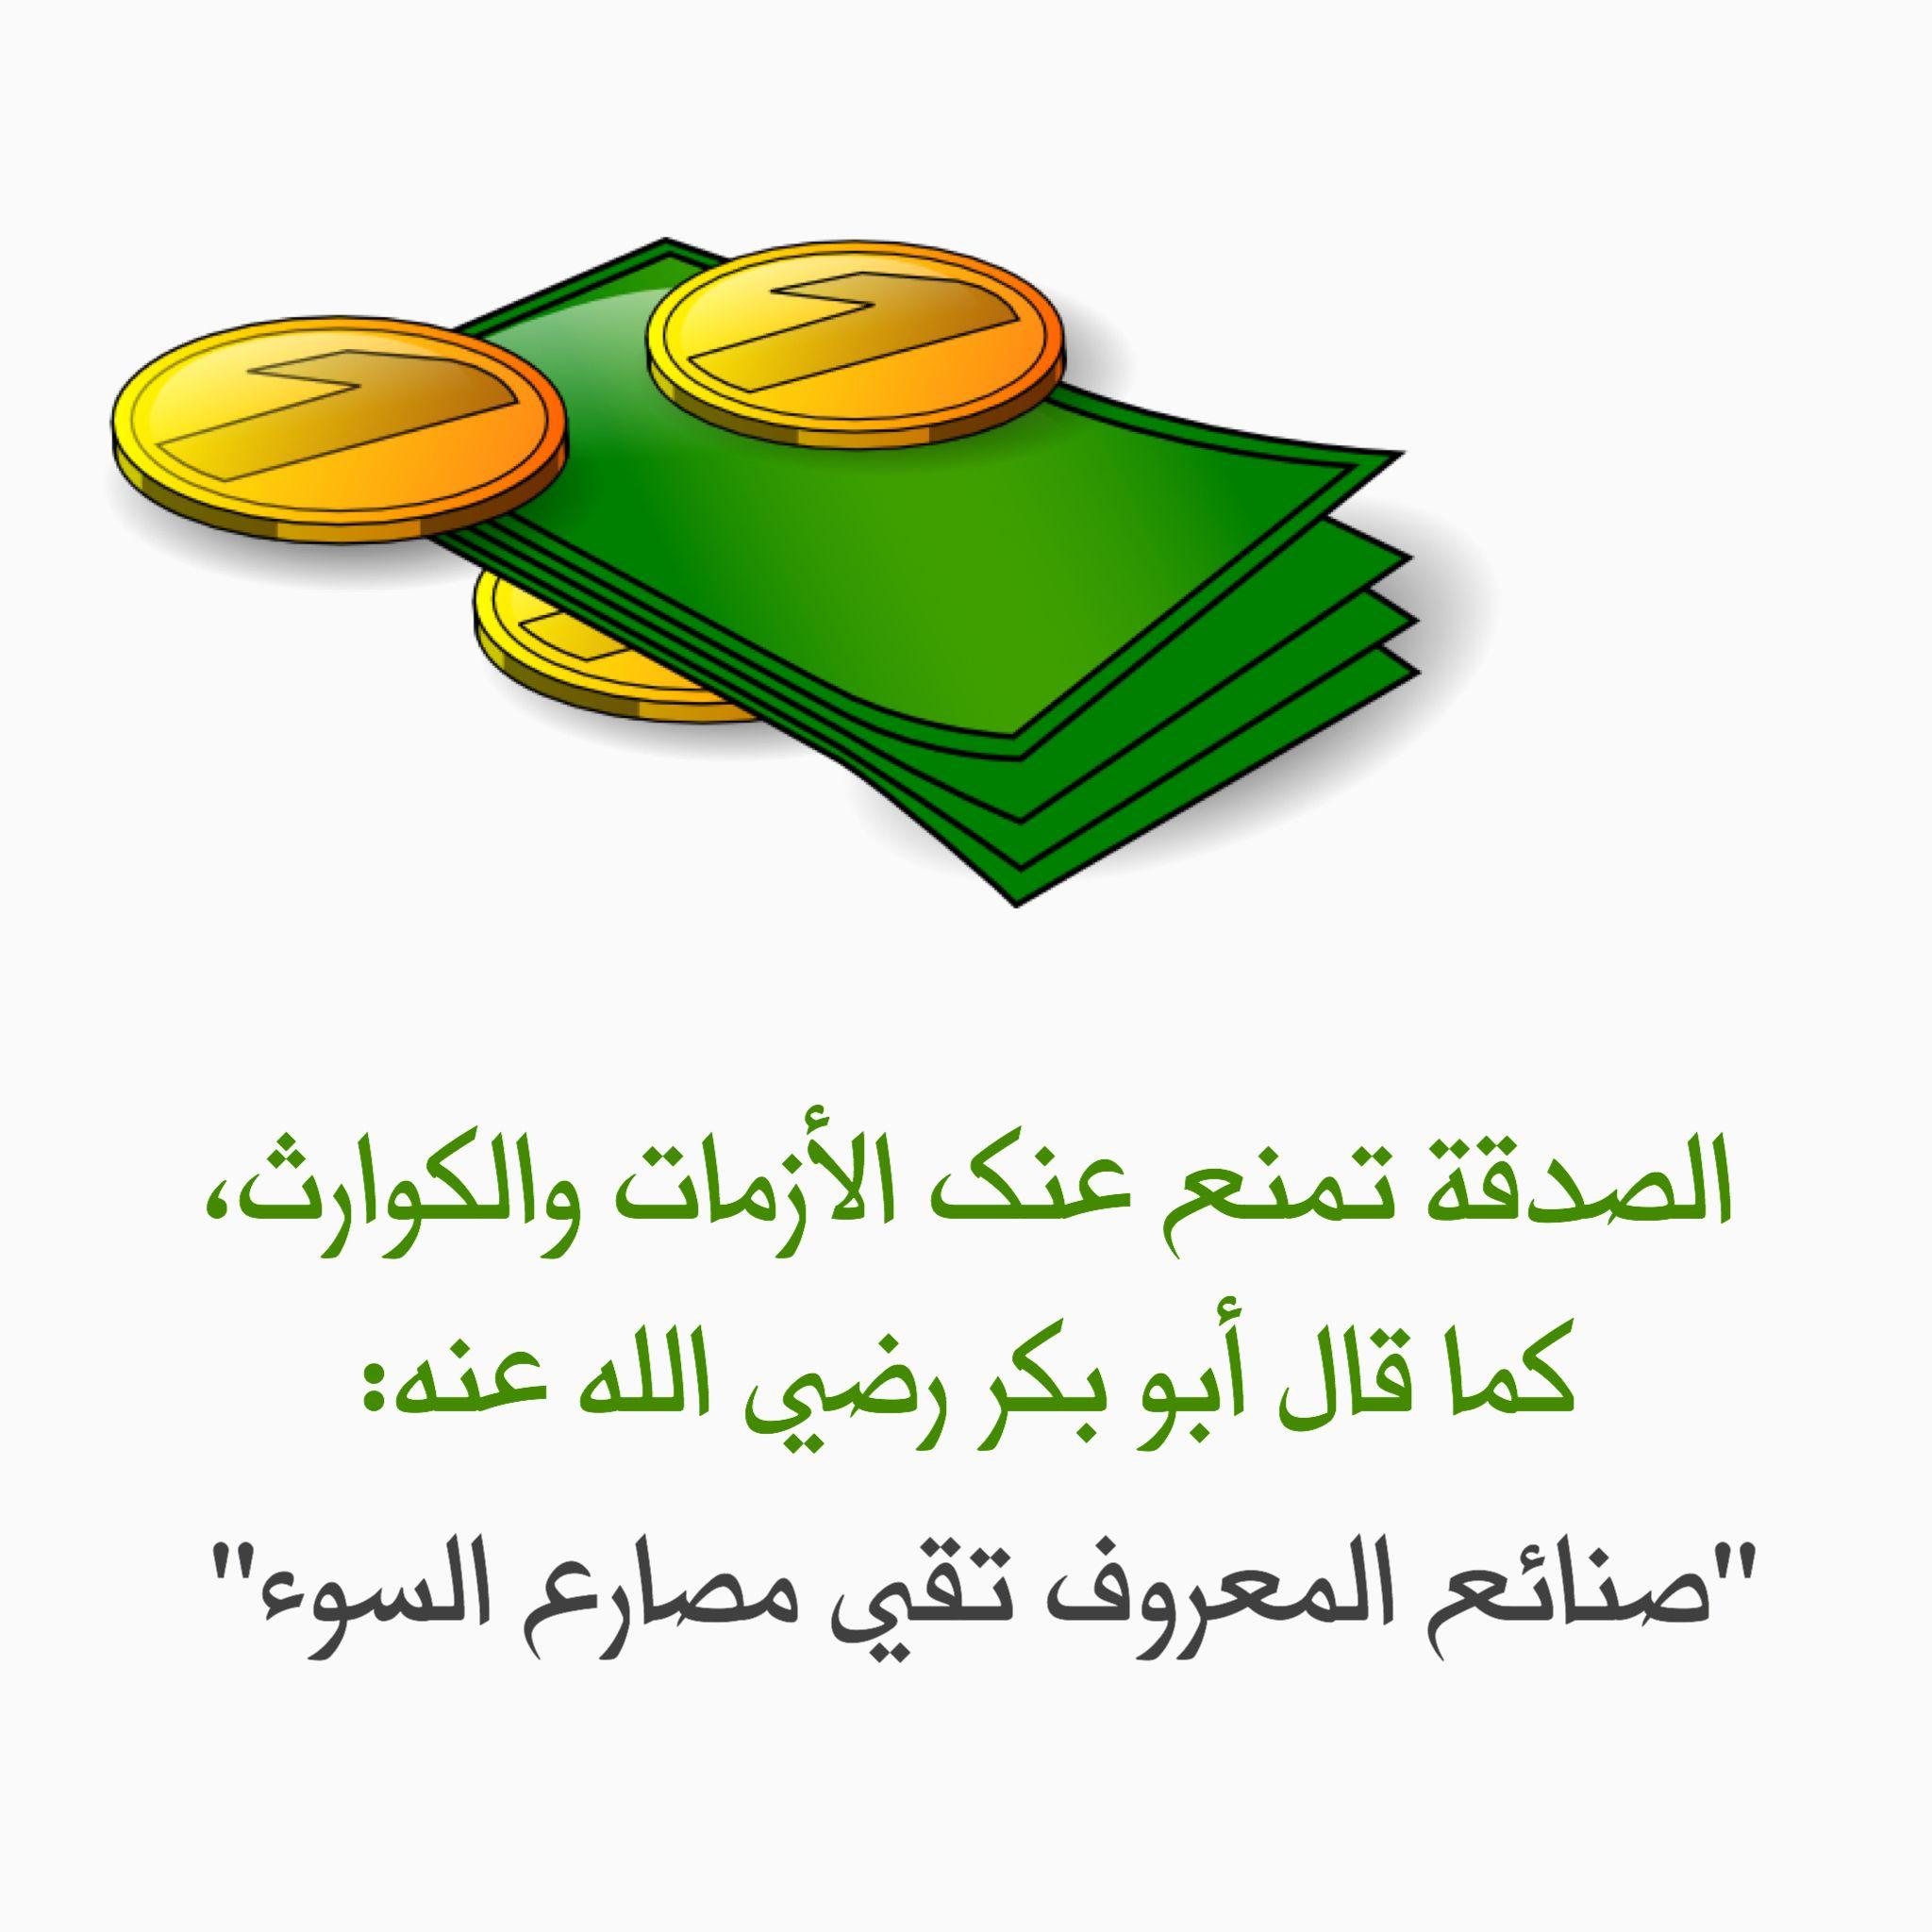 الصدقة Holy Quran Islam Verses